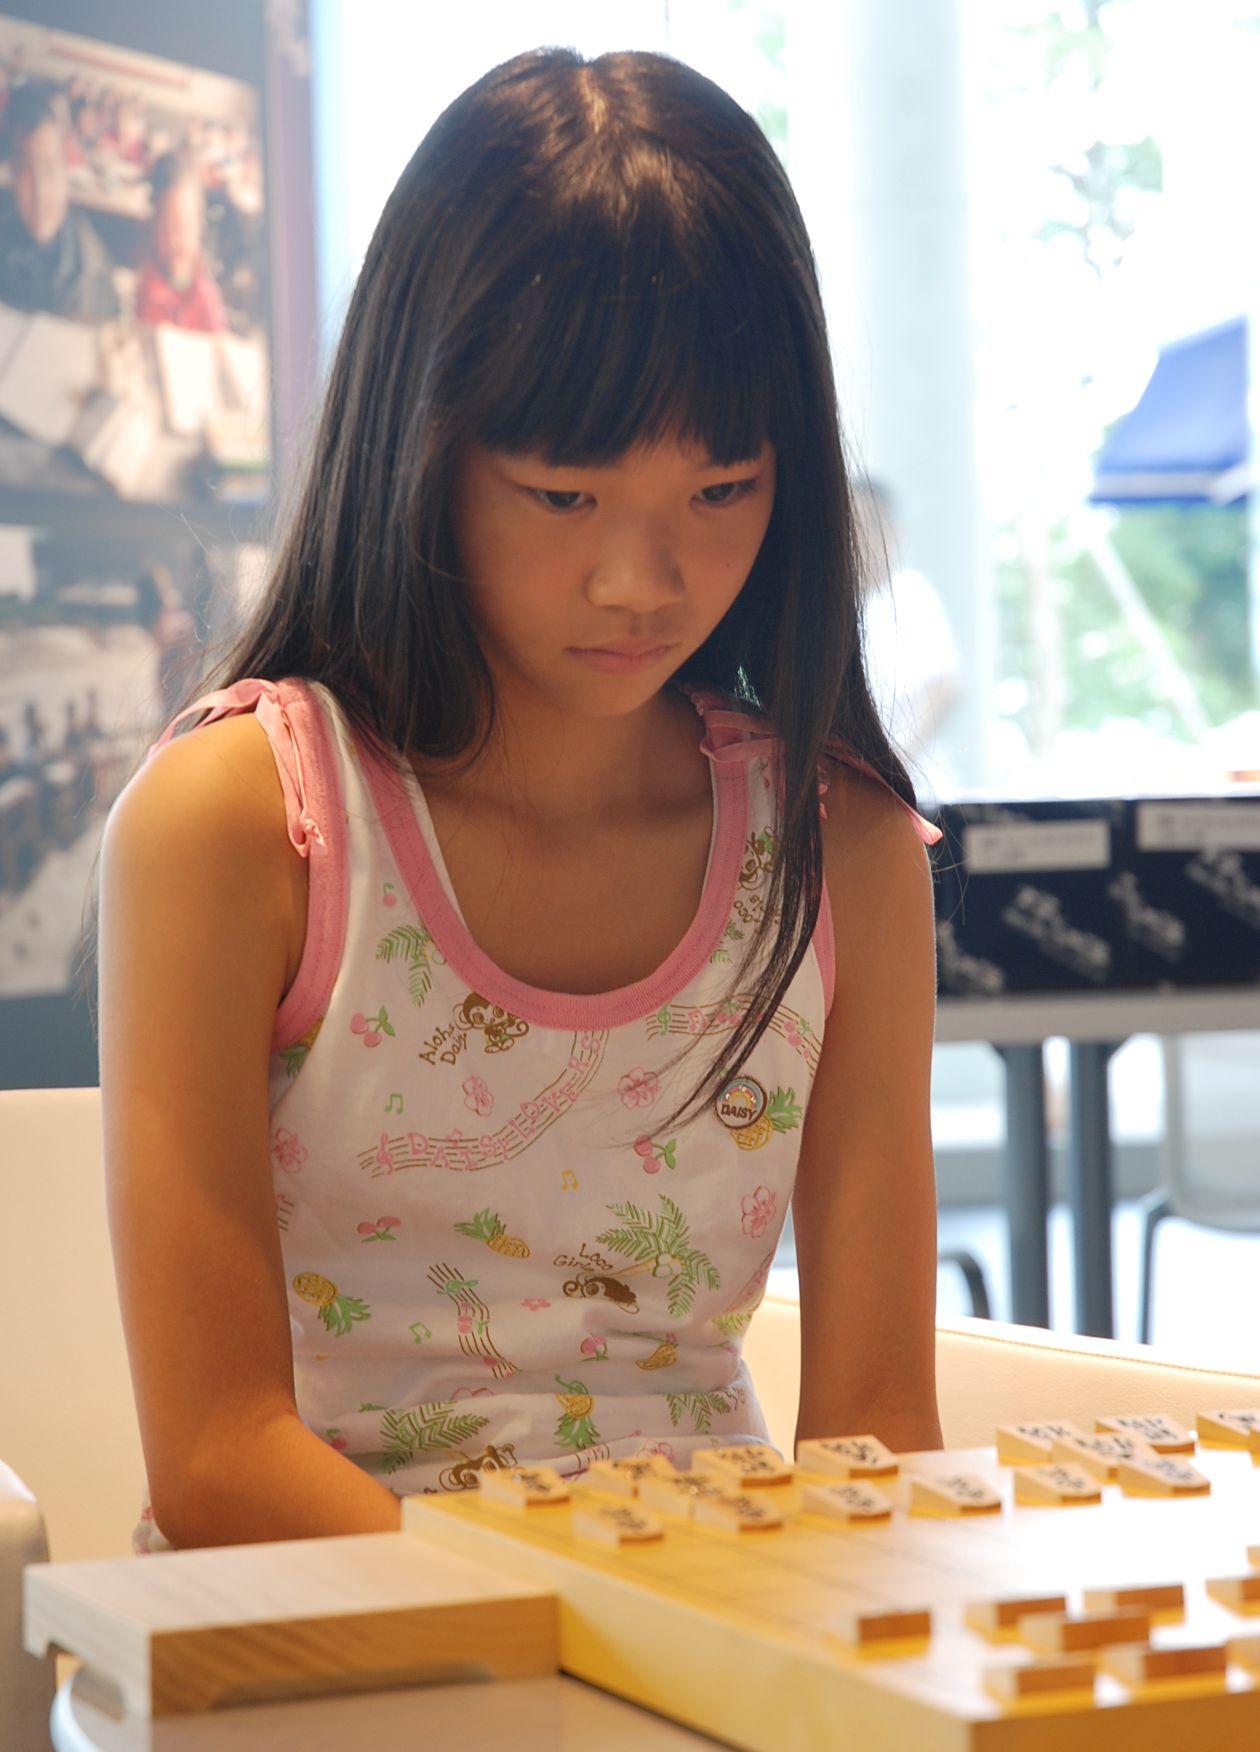 第2回小学生女流将棋名人戦99全国大会图片